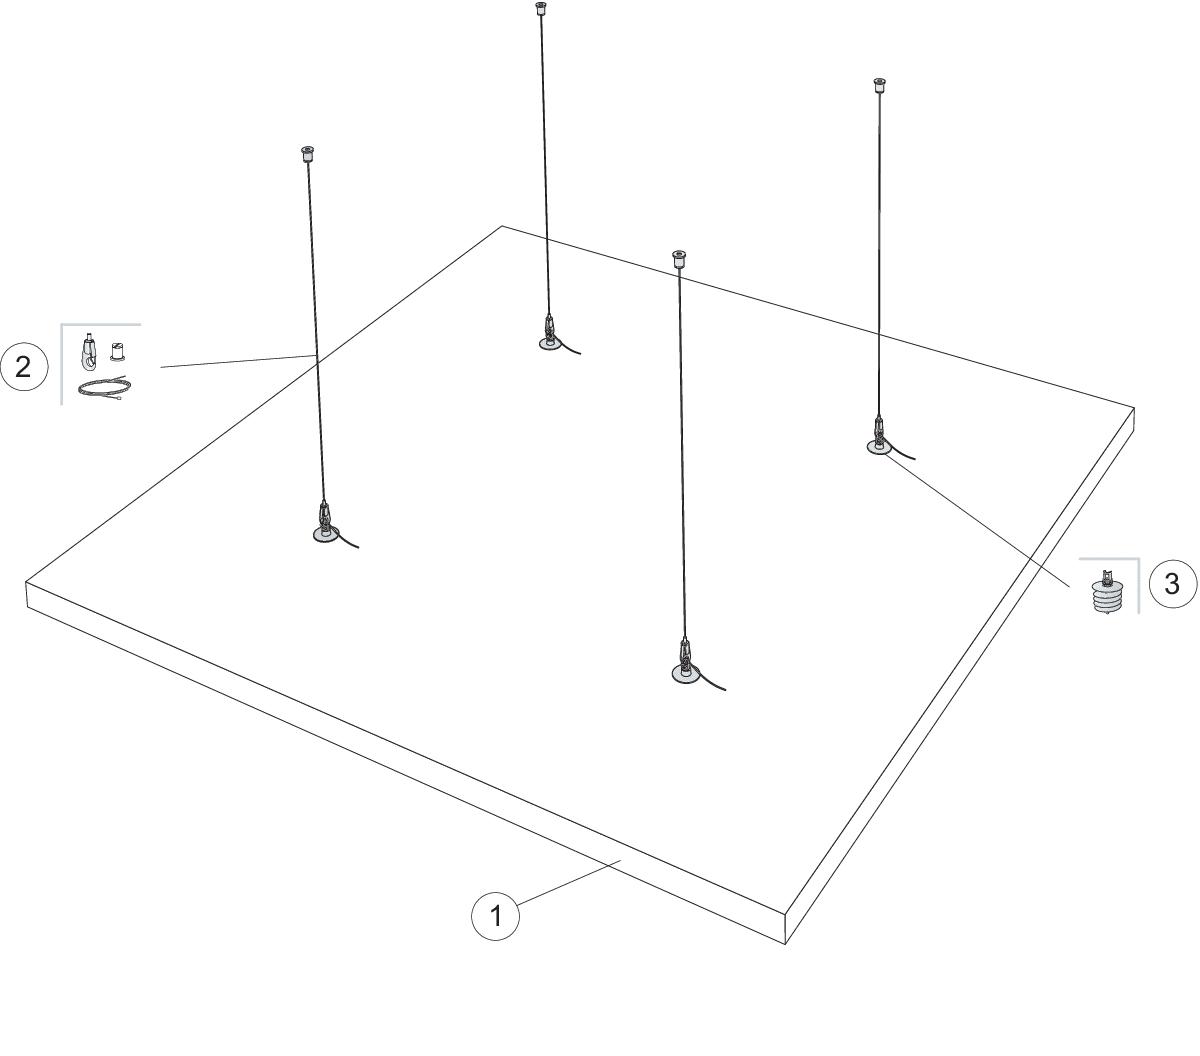 Komplet beslag, justerbar wirekit (M507)